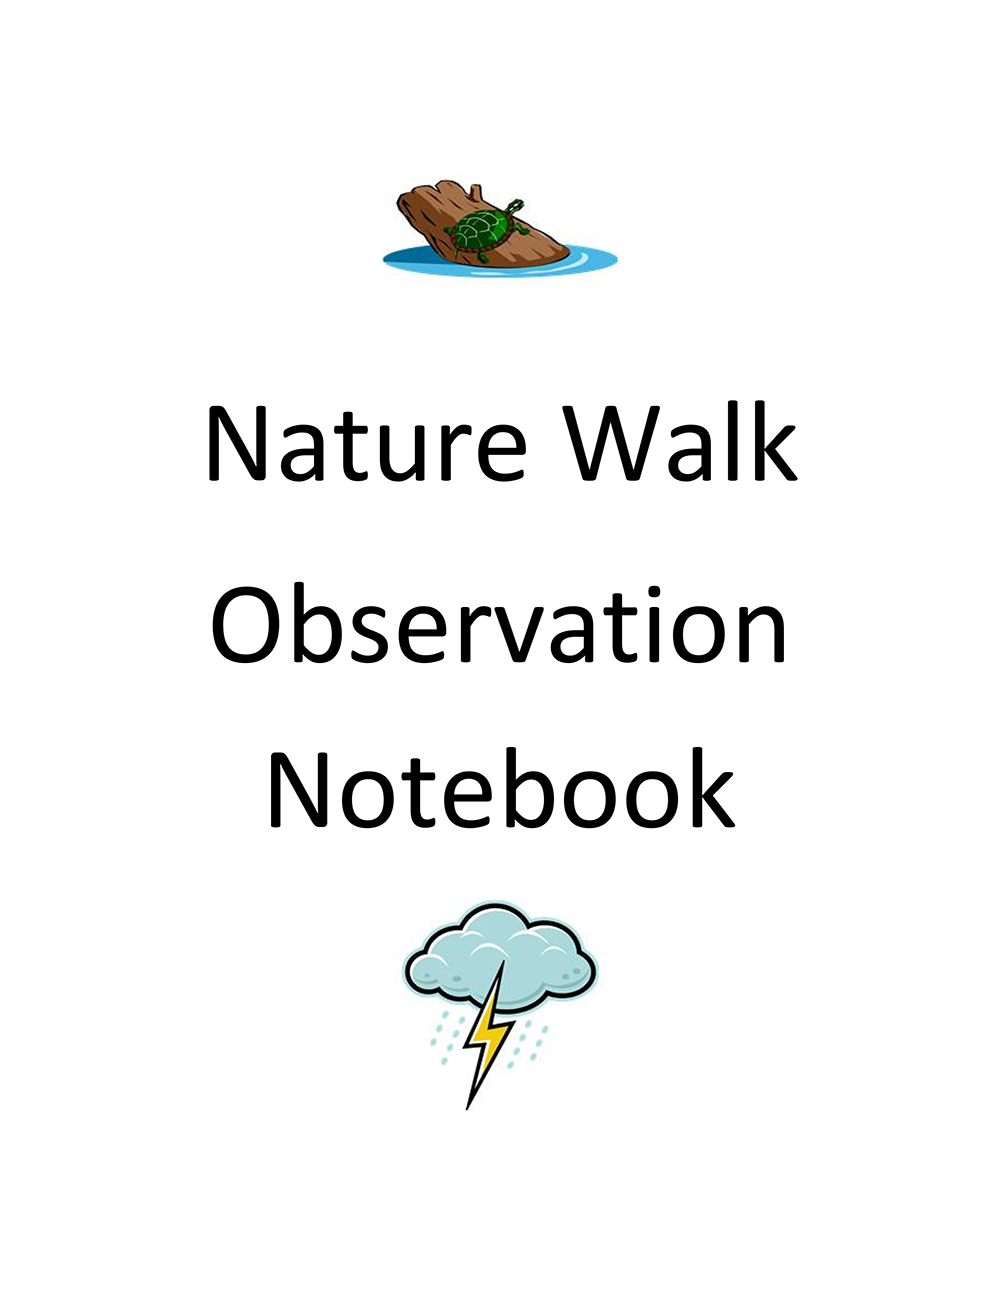 Nature-Walk-Observation-Notebook1-1